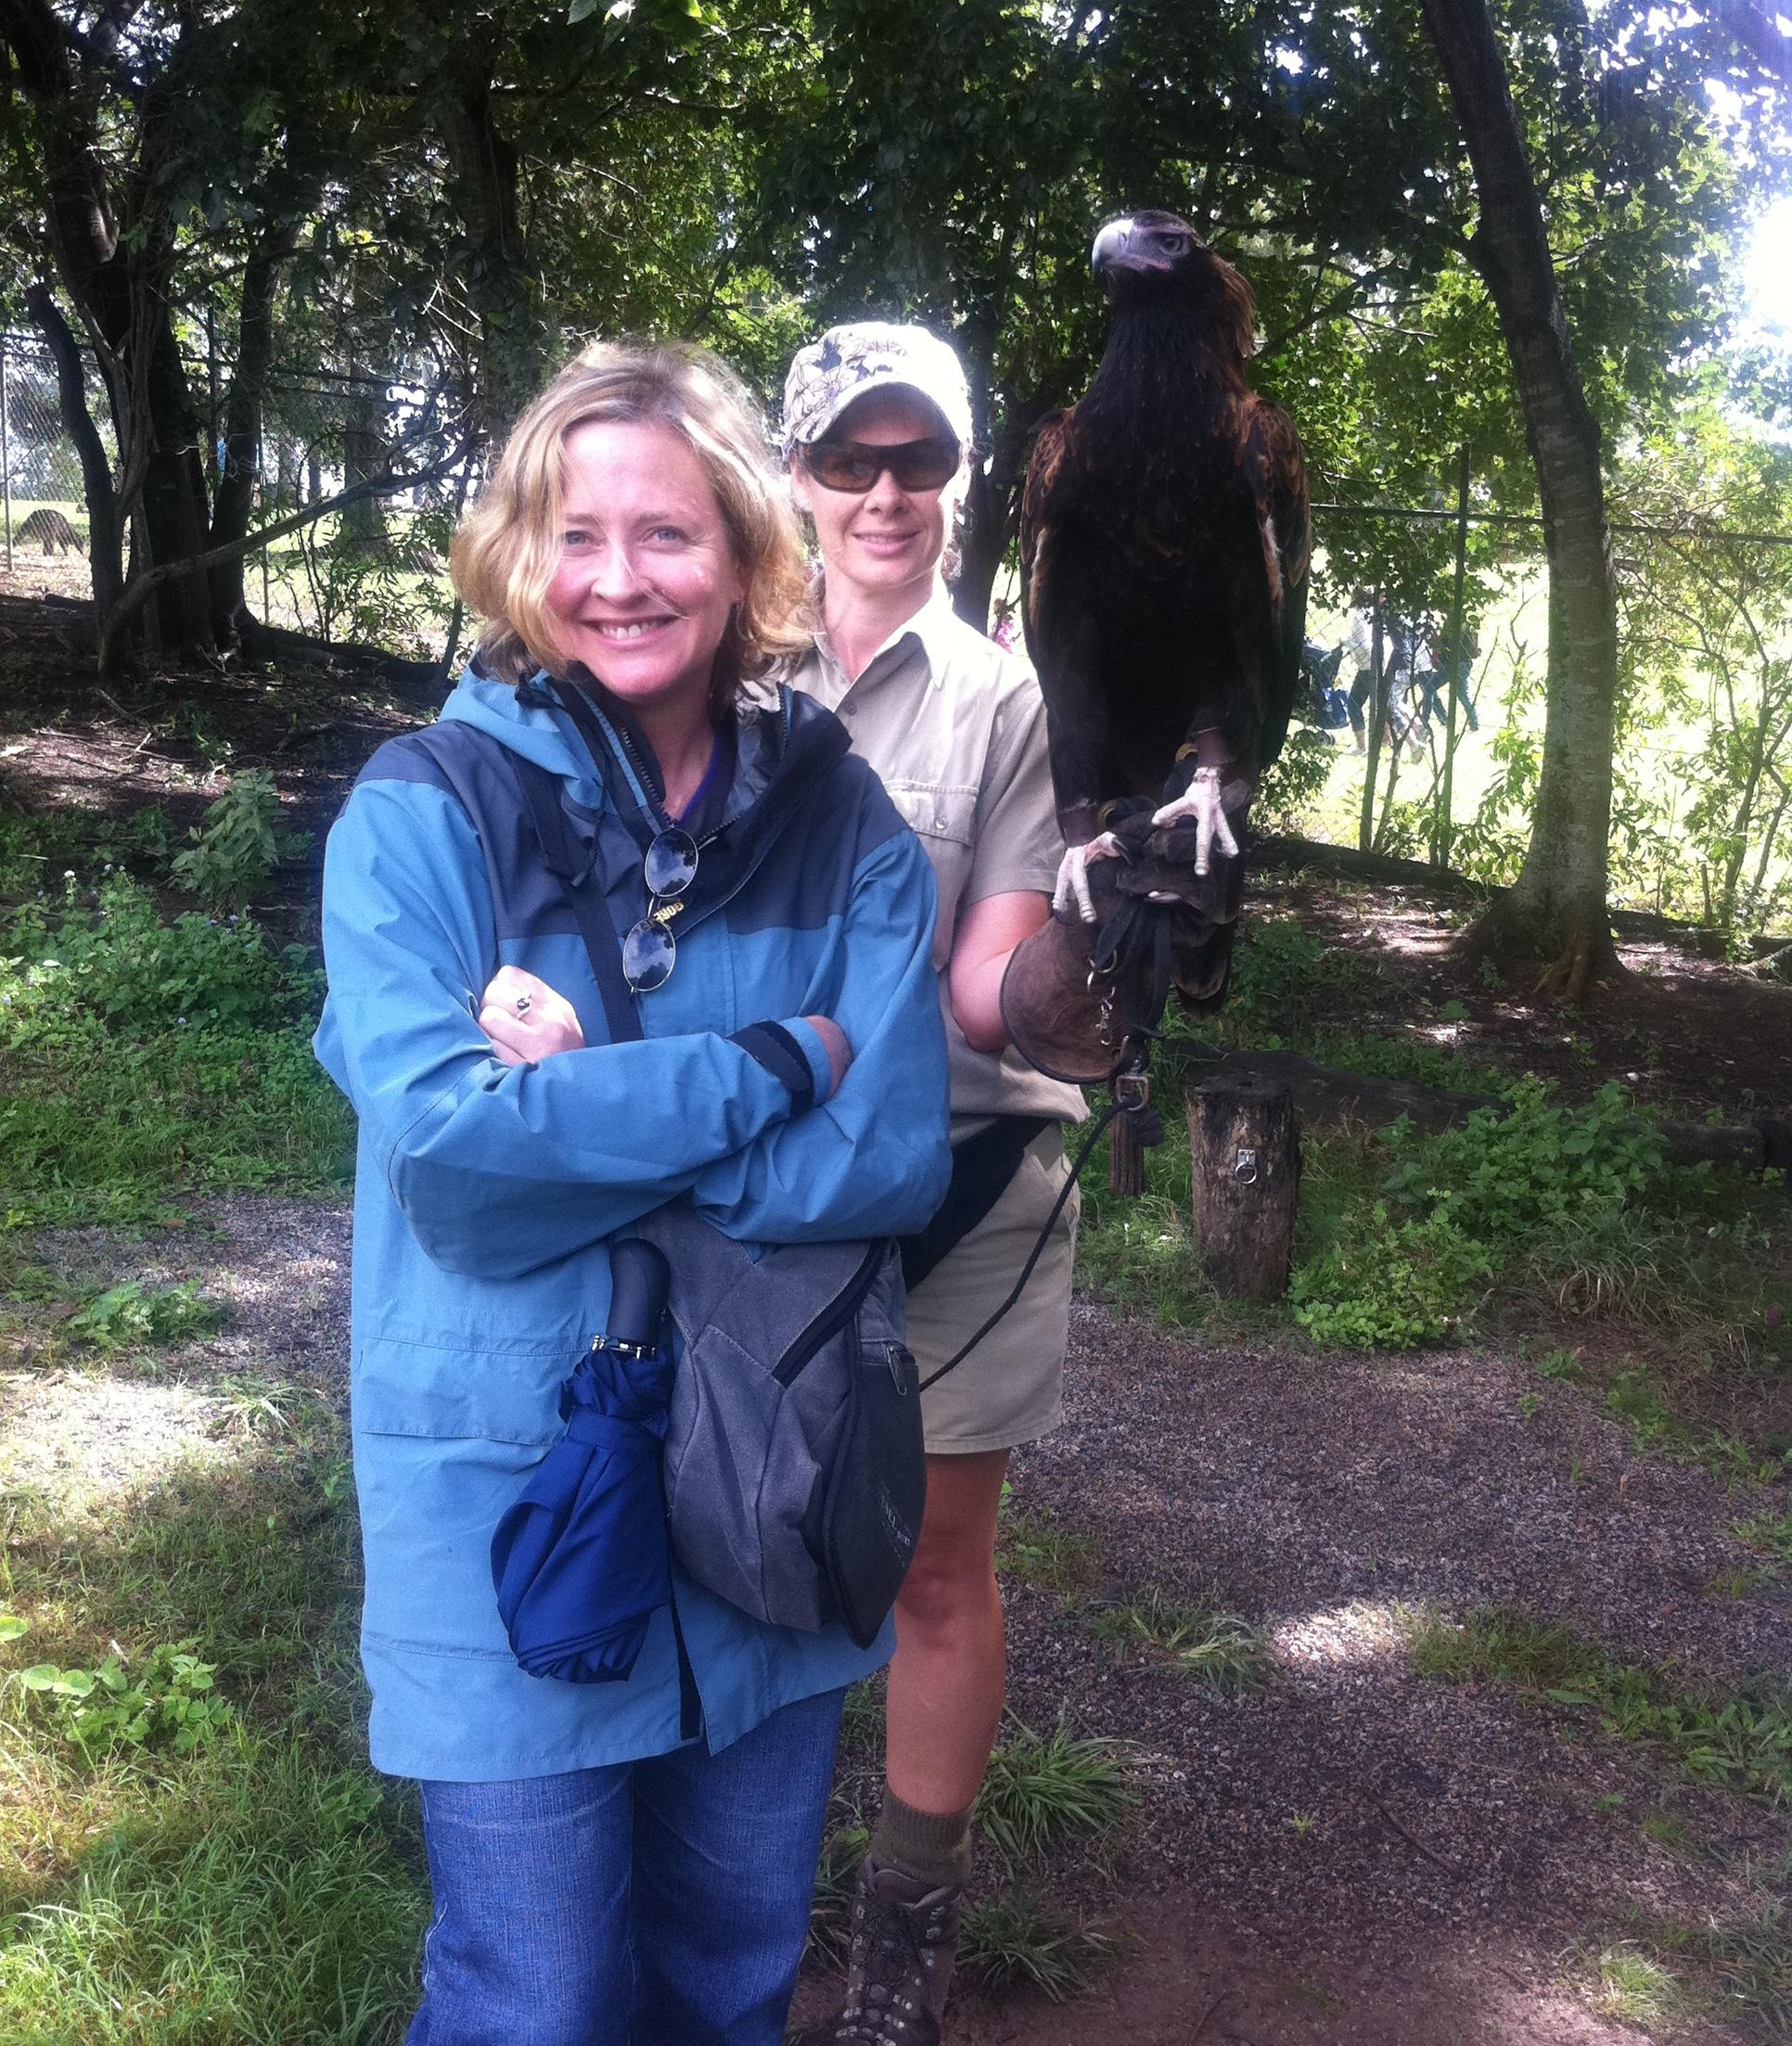 Sherryl eagle